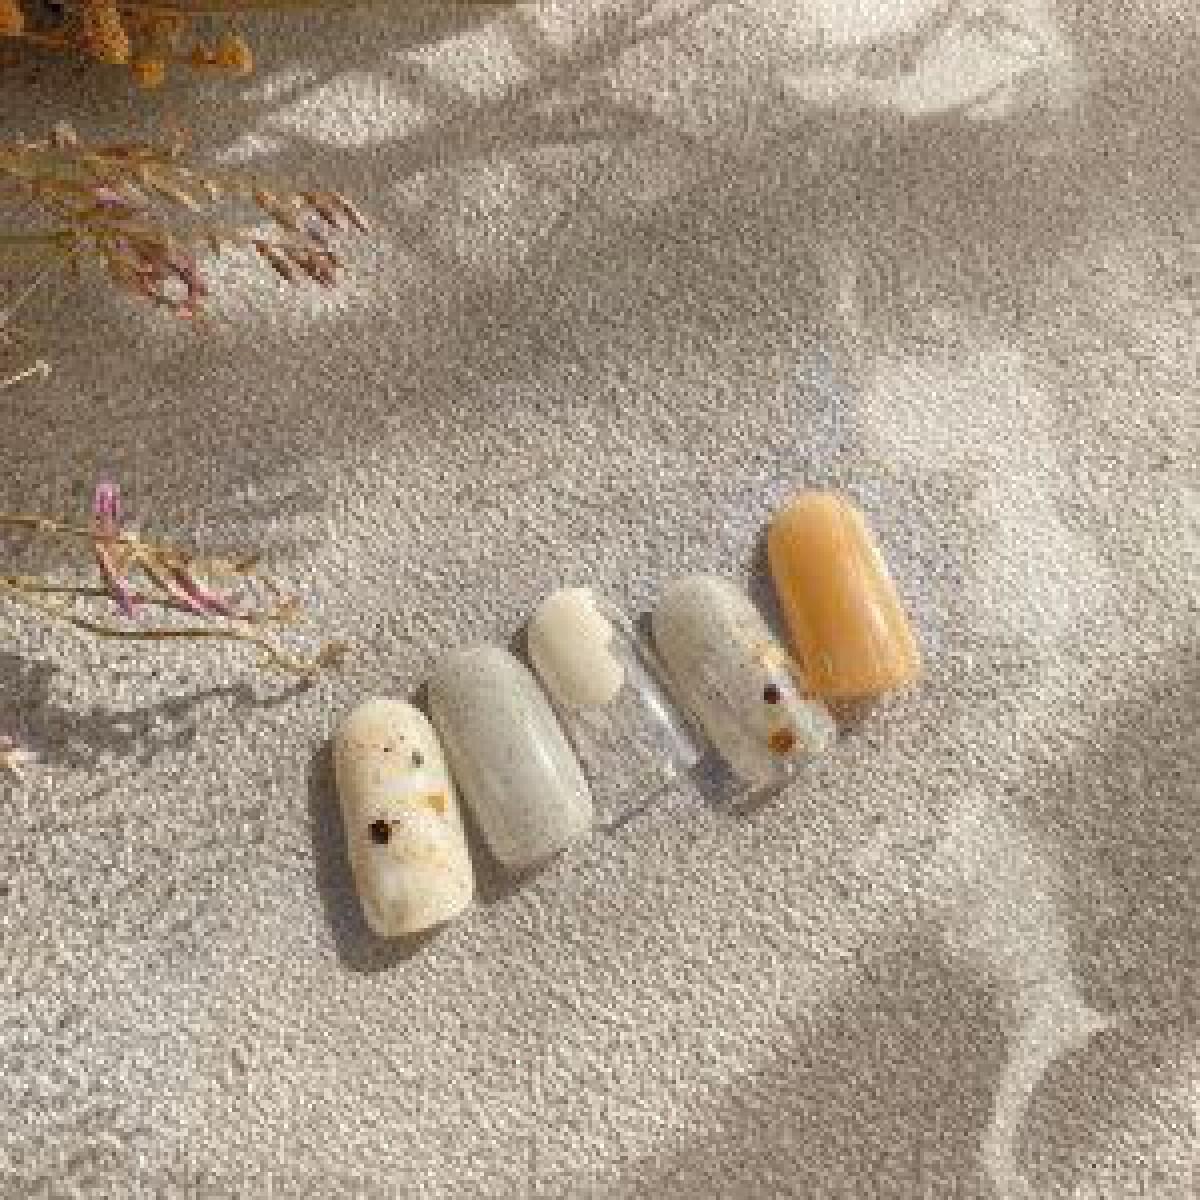 ネクストトレンド?砂のようなつぶつぶ感「サンディネイル」に注目